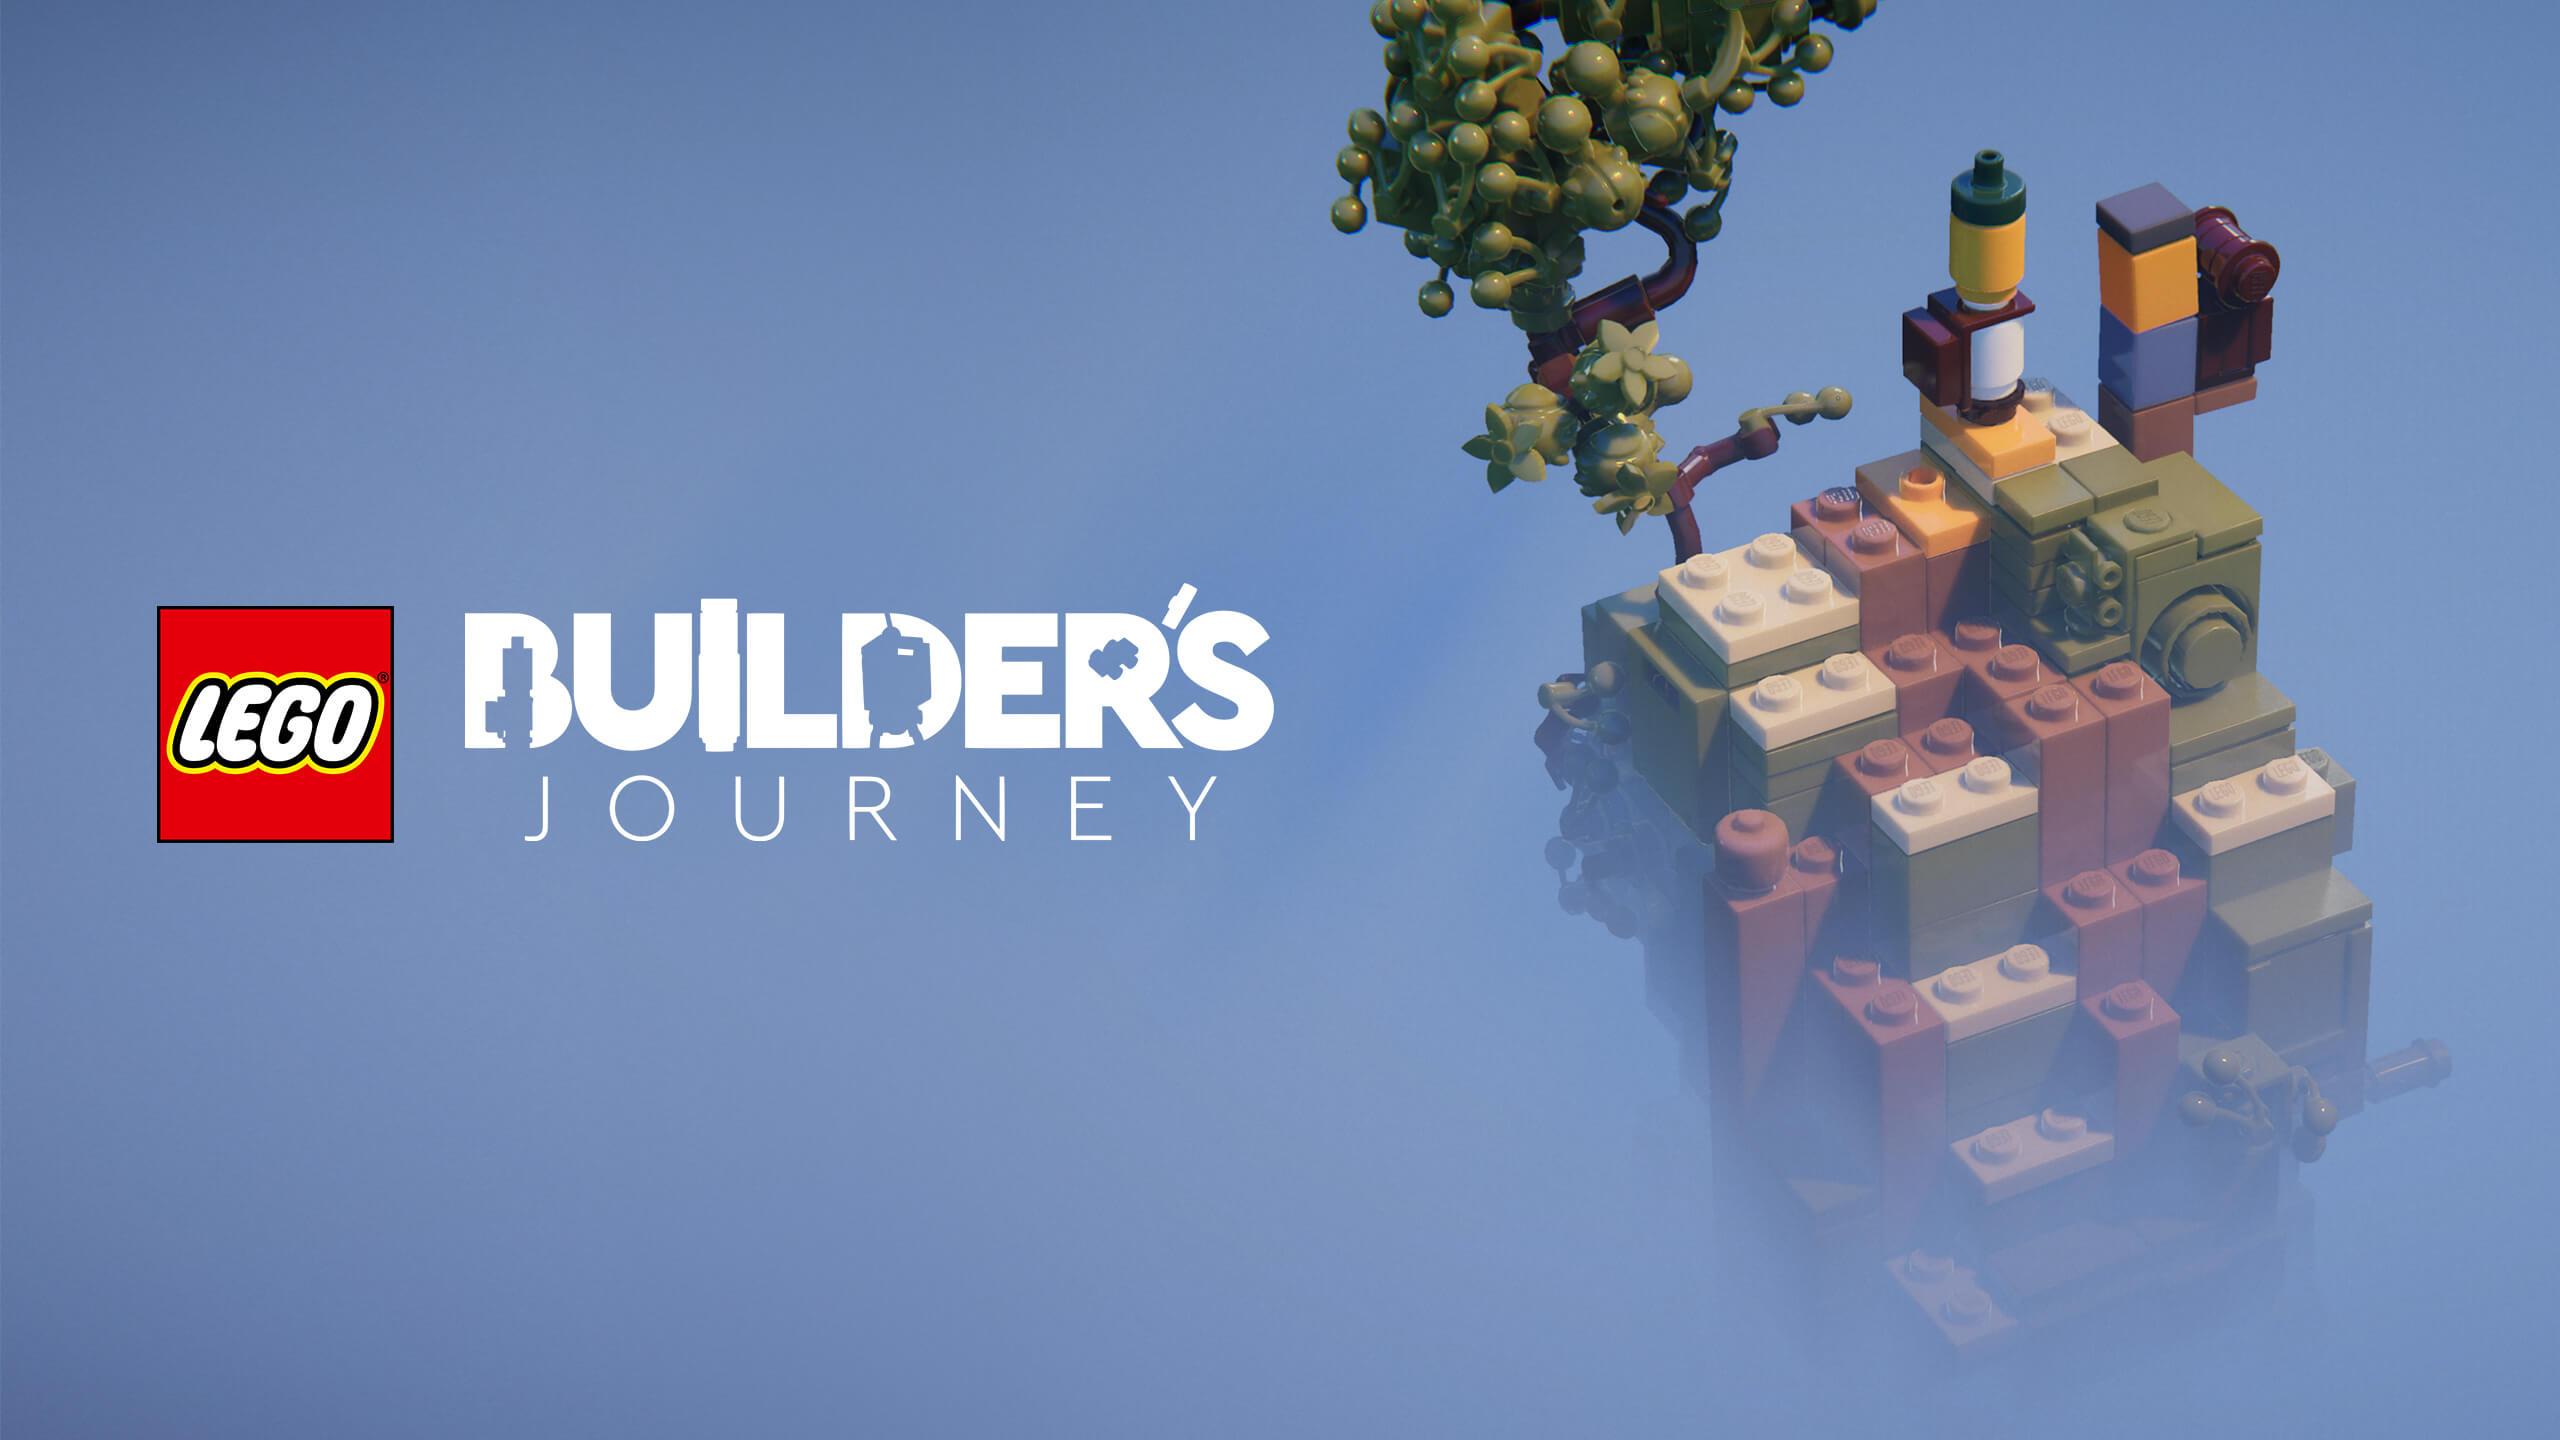 乐高积木拼砌旅程/LEGO建造者之旅(LEGOBuilder's Journey)插图5